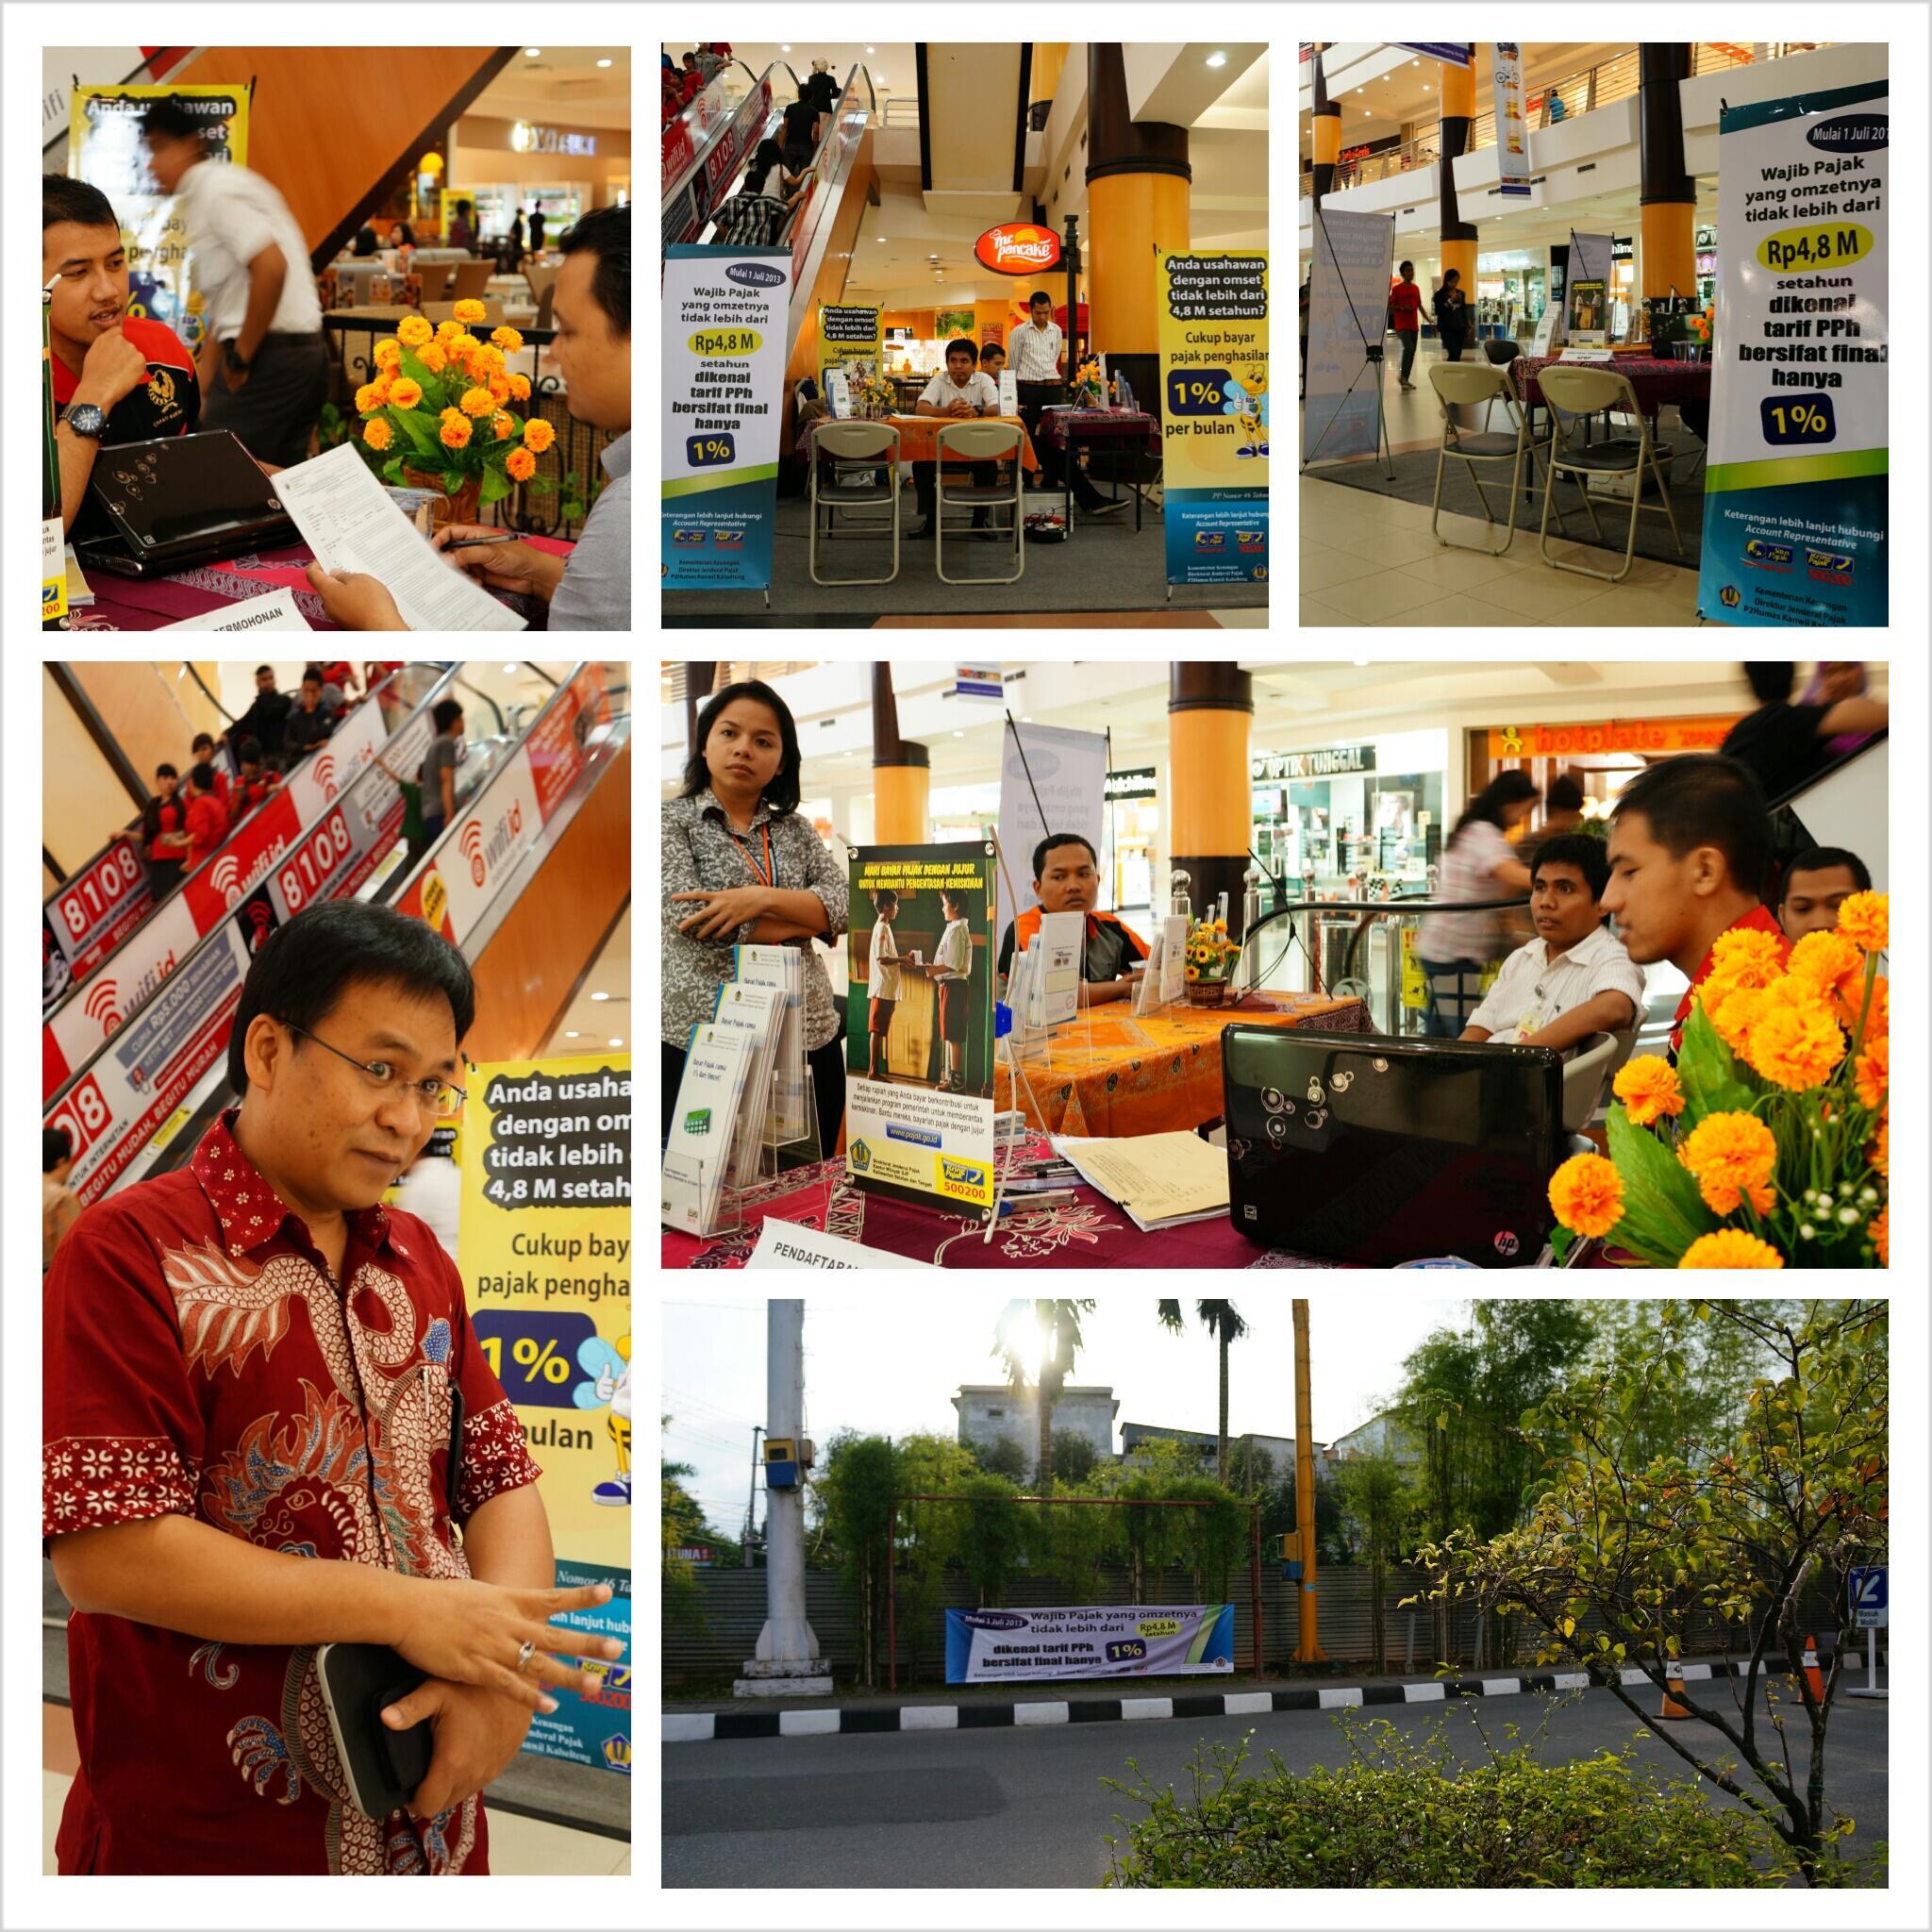 Selamat Datang di Pojok Pajak KPP Pratama Banjarmasin di Duta Mall Bjm  @PajakMania @DitjenPajakRI @mekars @PajakRI http://t.co/AisUljkEH5